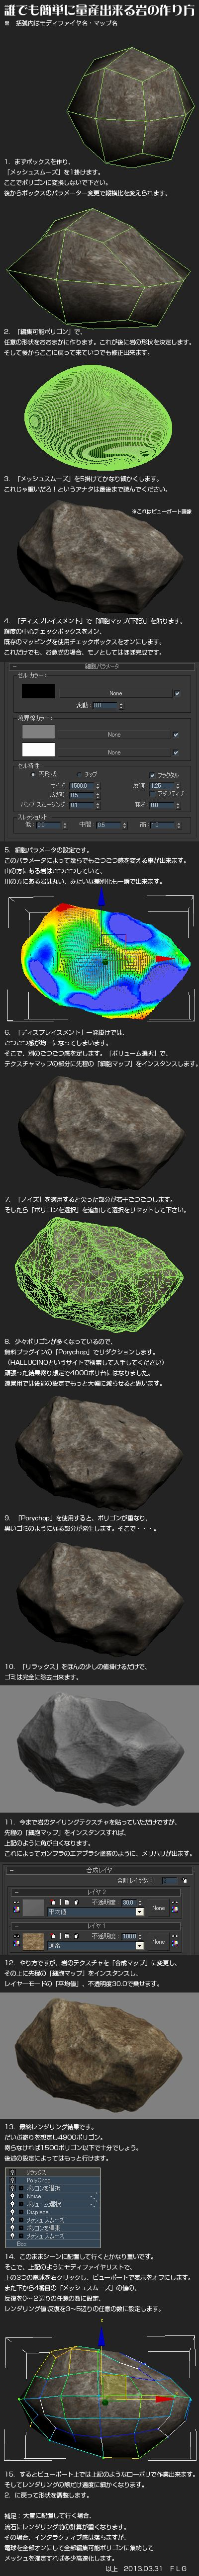 誰でも簡単に量産出来る岩の作り方